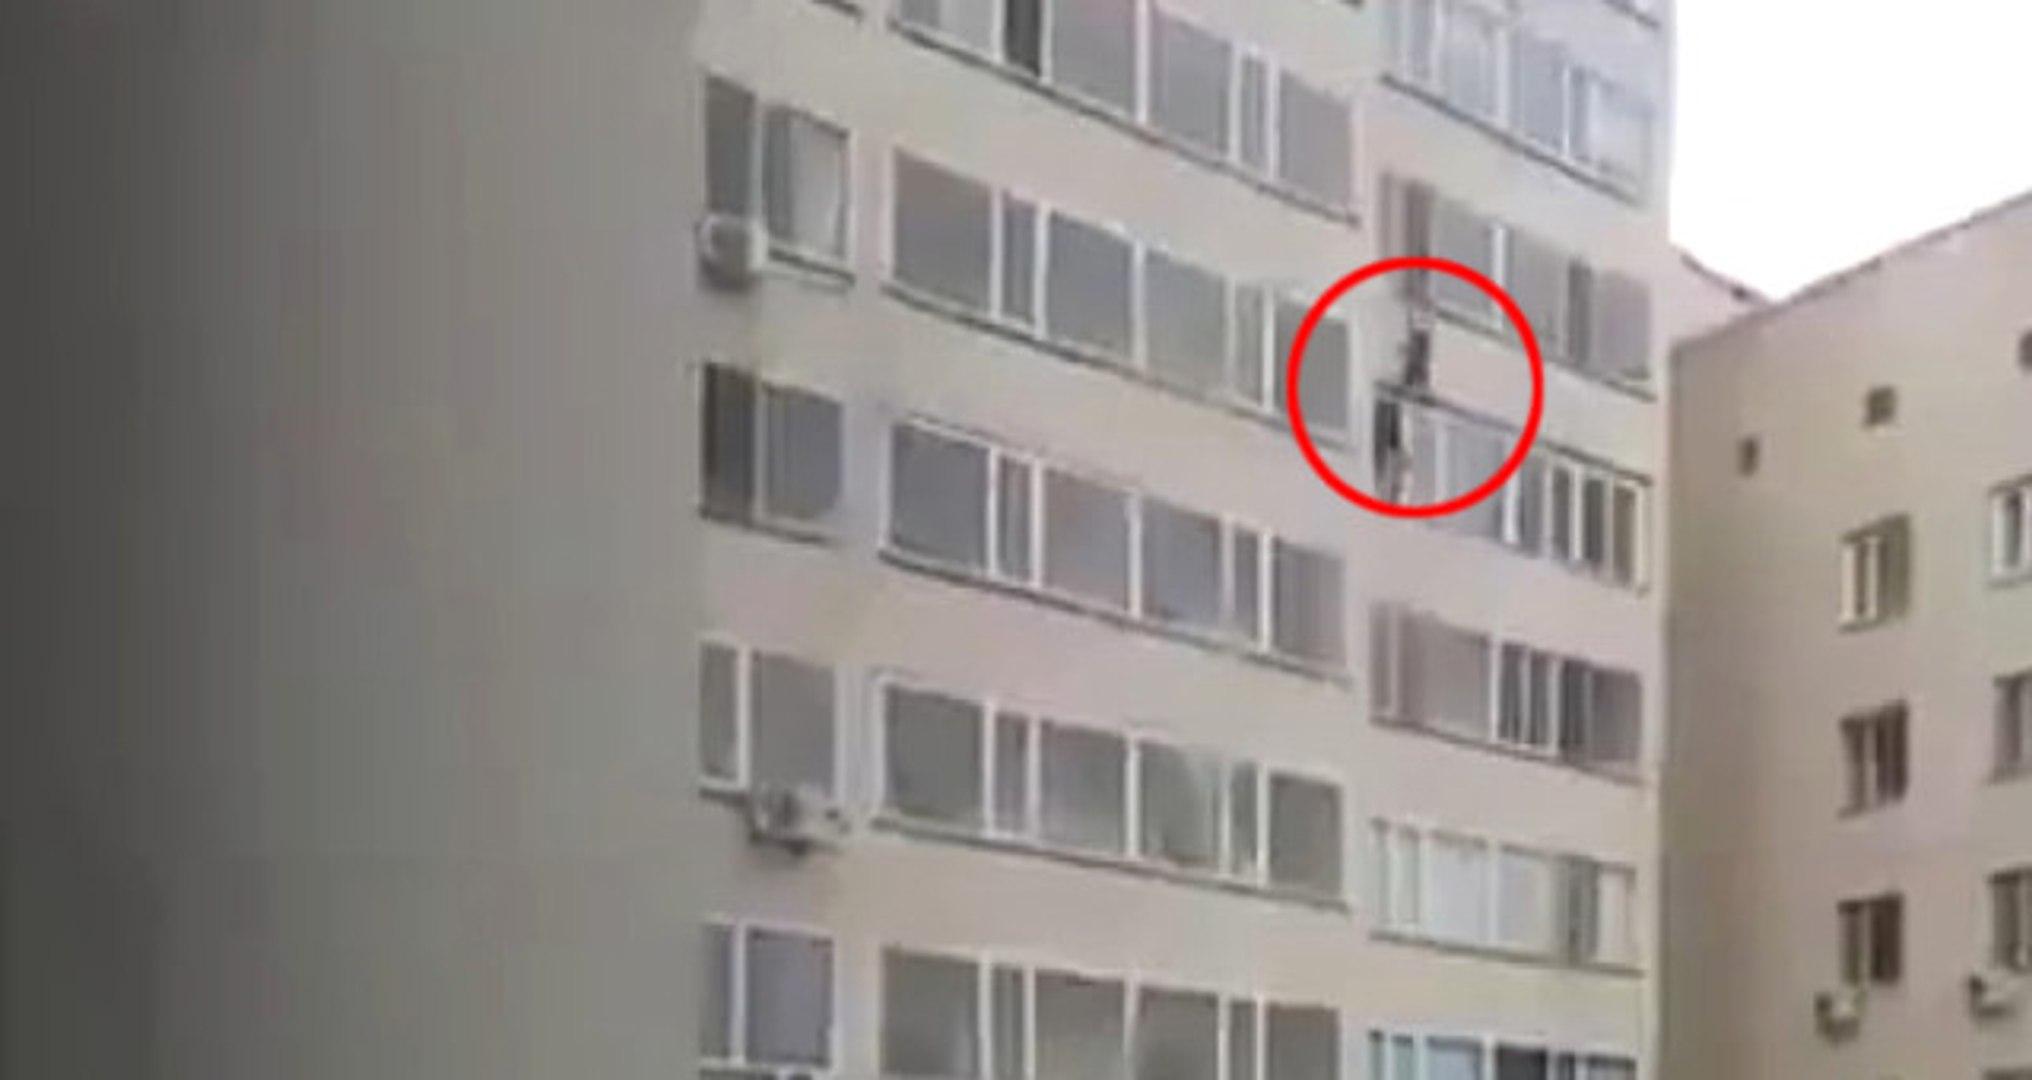 Kazakistan'da, Kahraman Komşu 10. Kattan Düşen Bebeği Havada Yakaladı! Kamera Kayıttaydı